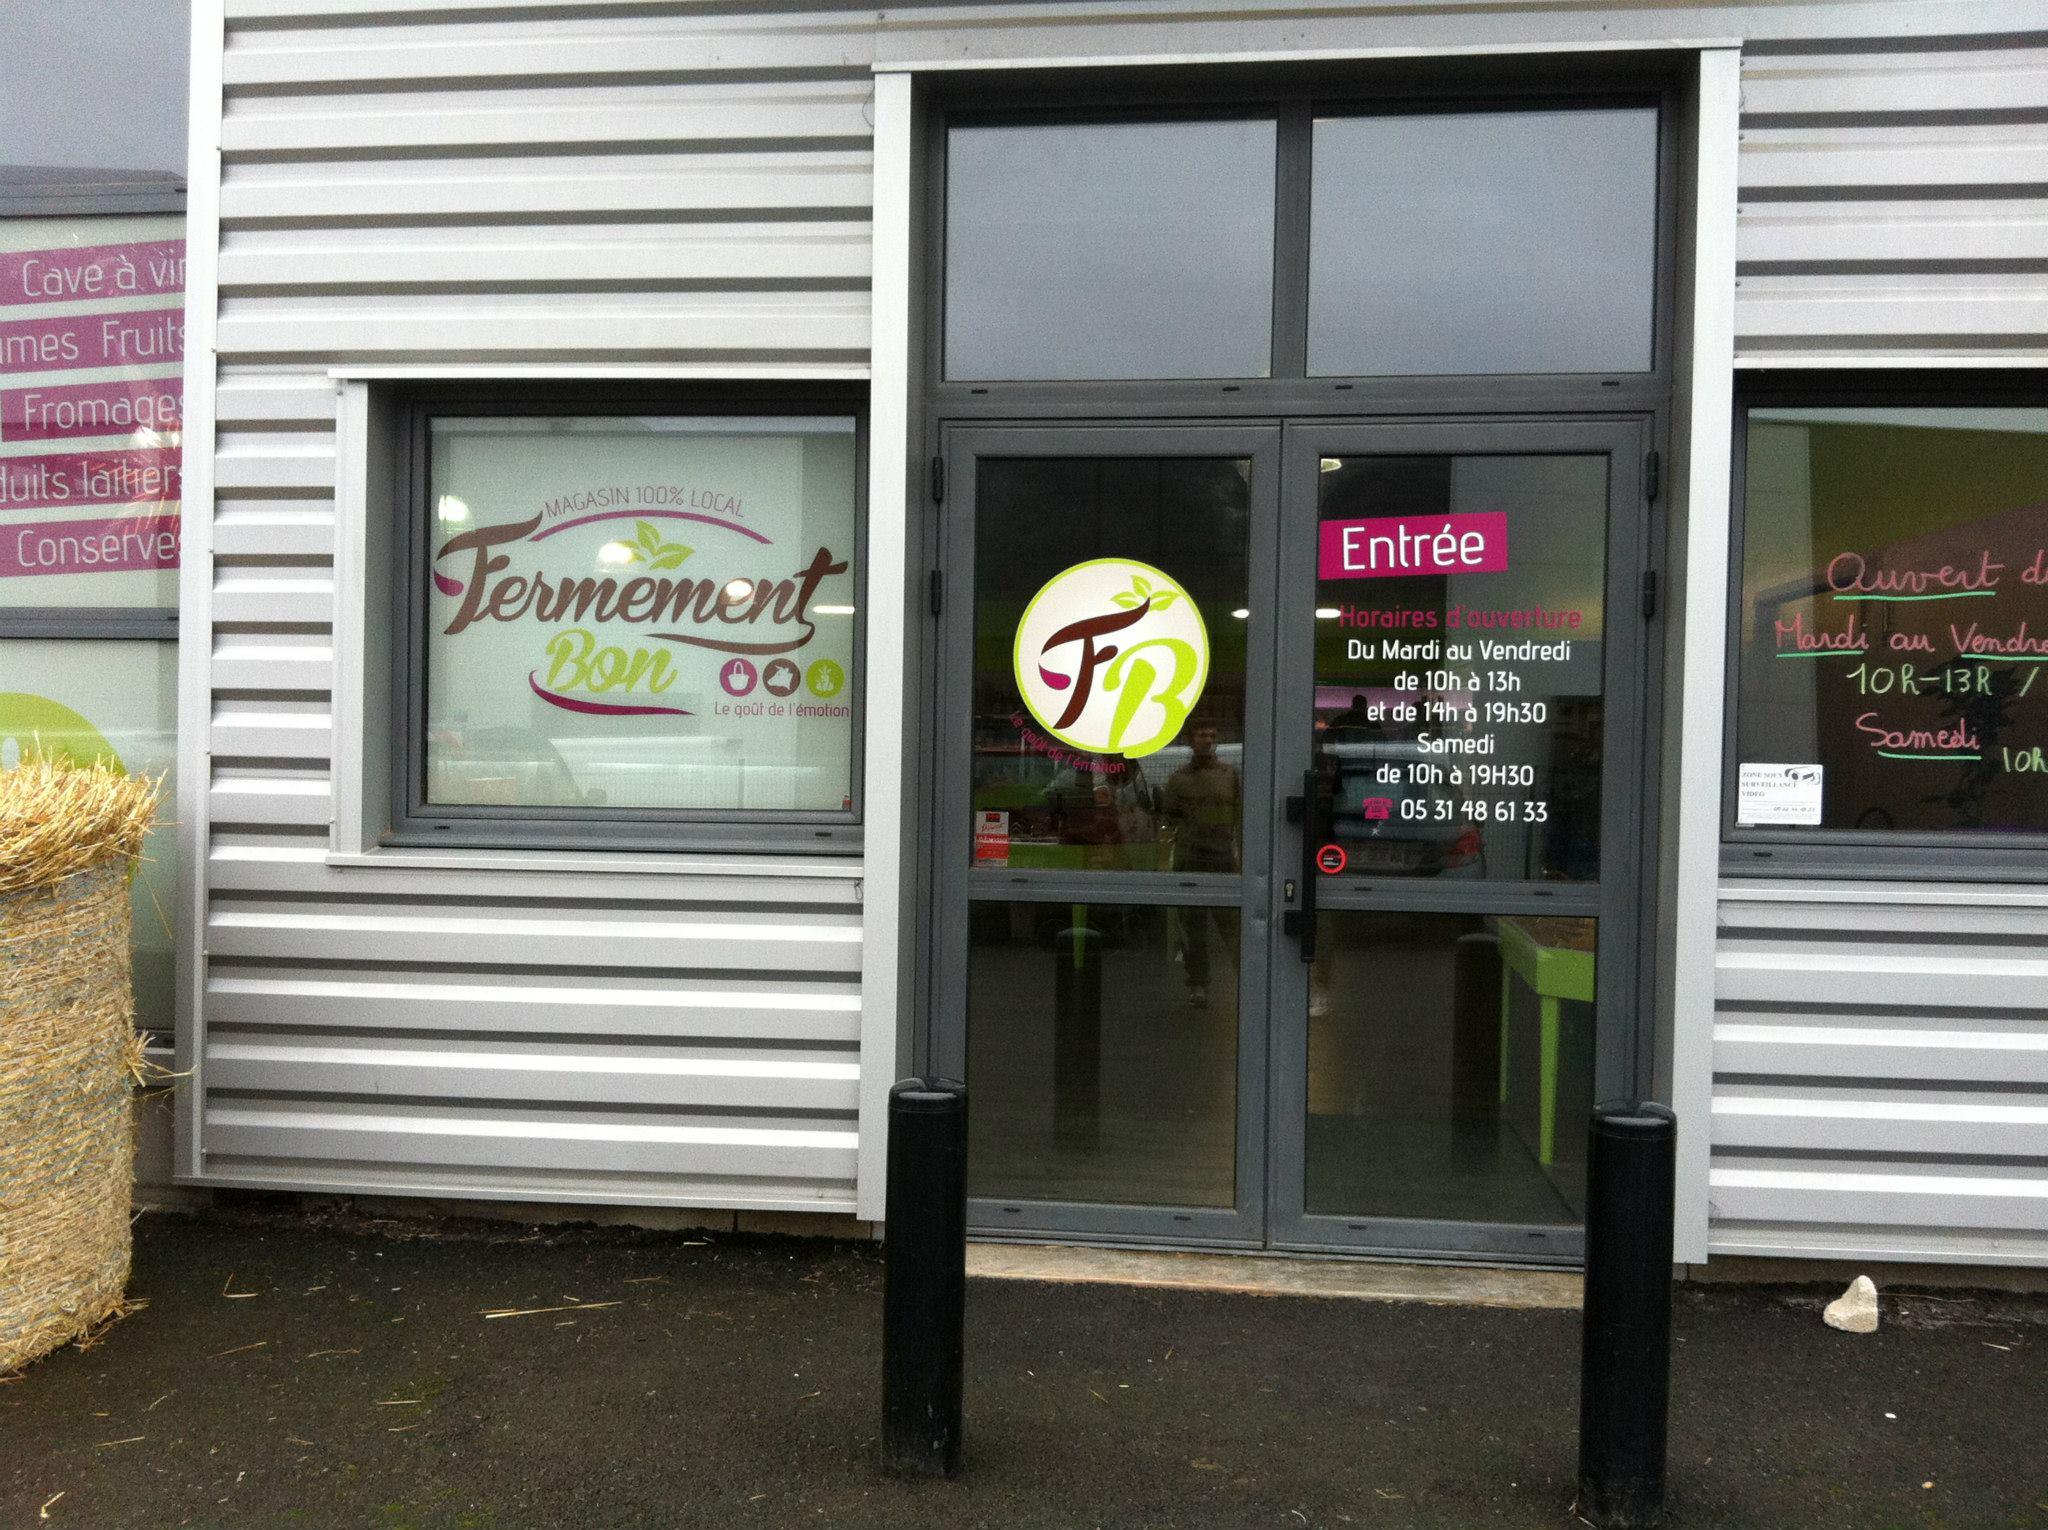 vitrine-fermement-bon-flocage-vitrine-muret-eauens-toulouse-2